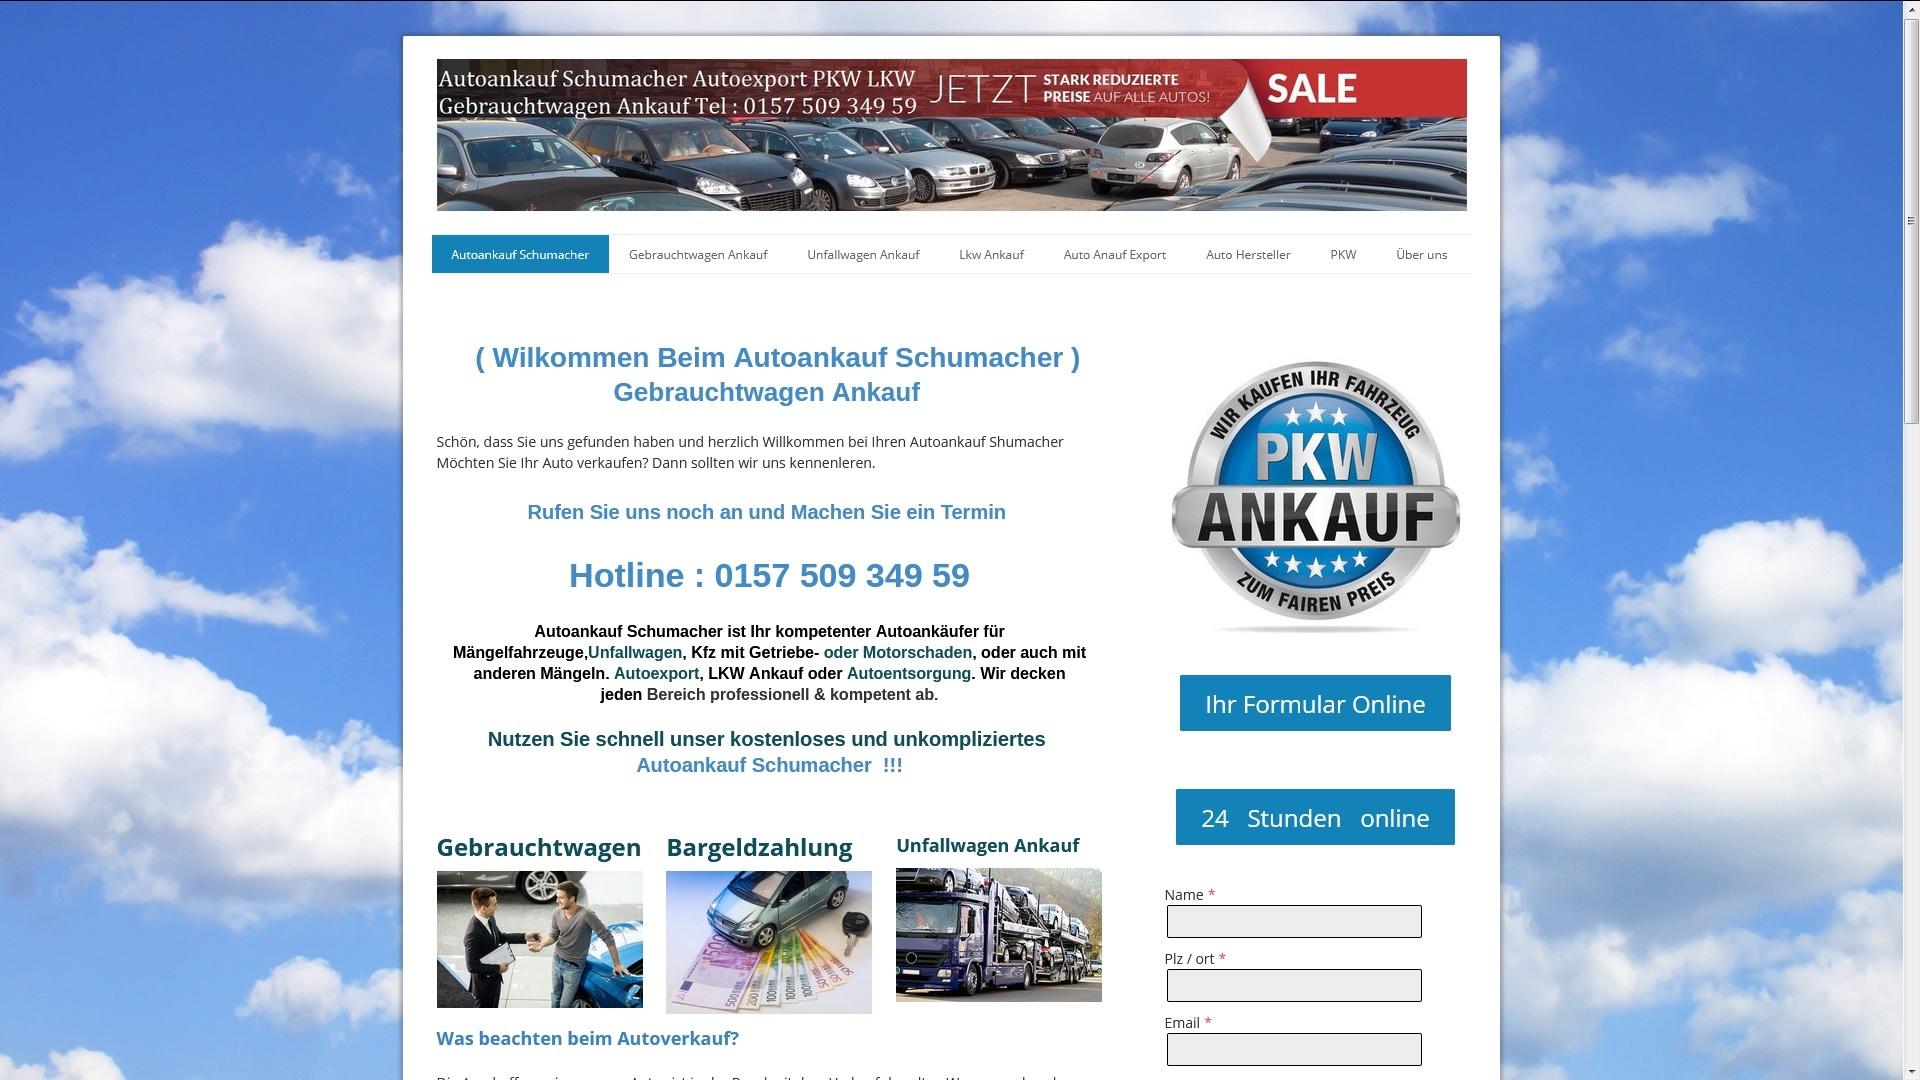 autoankauf bad homburg holt ihr altfahrzeug auch vorort ab und bietet bestpreis - Autoankauf Bad Homburg holt ihr Altfahrzeug auch Vorort ab und bietet Bestpreis